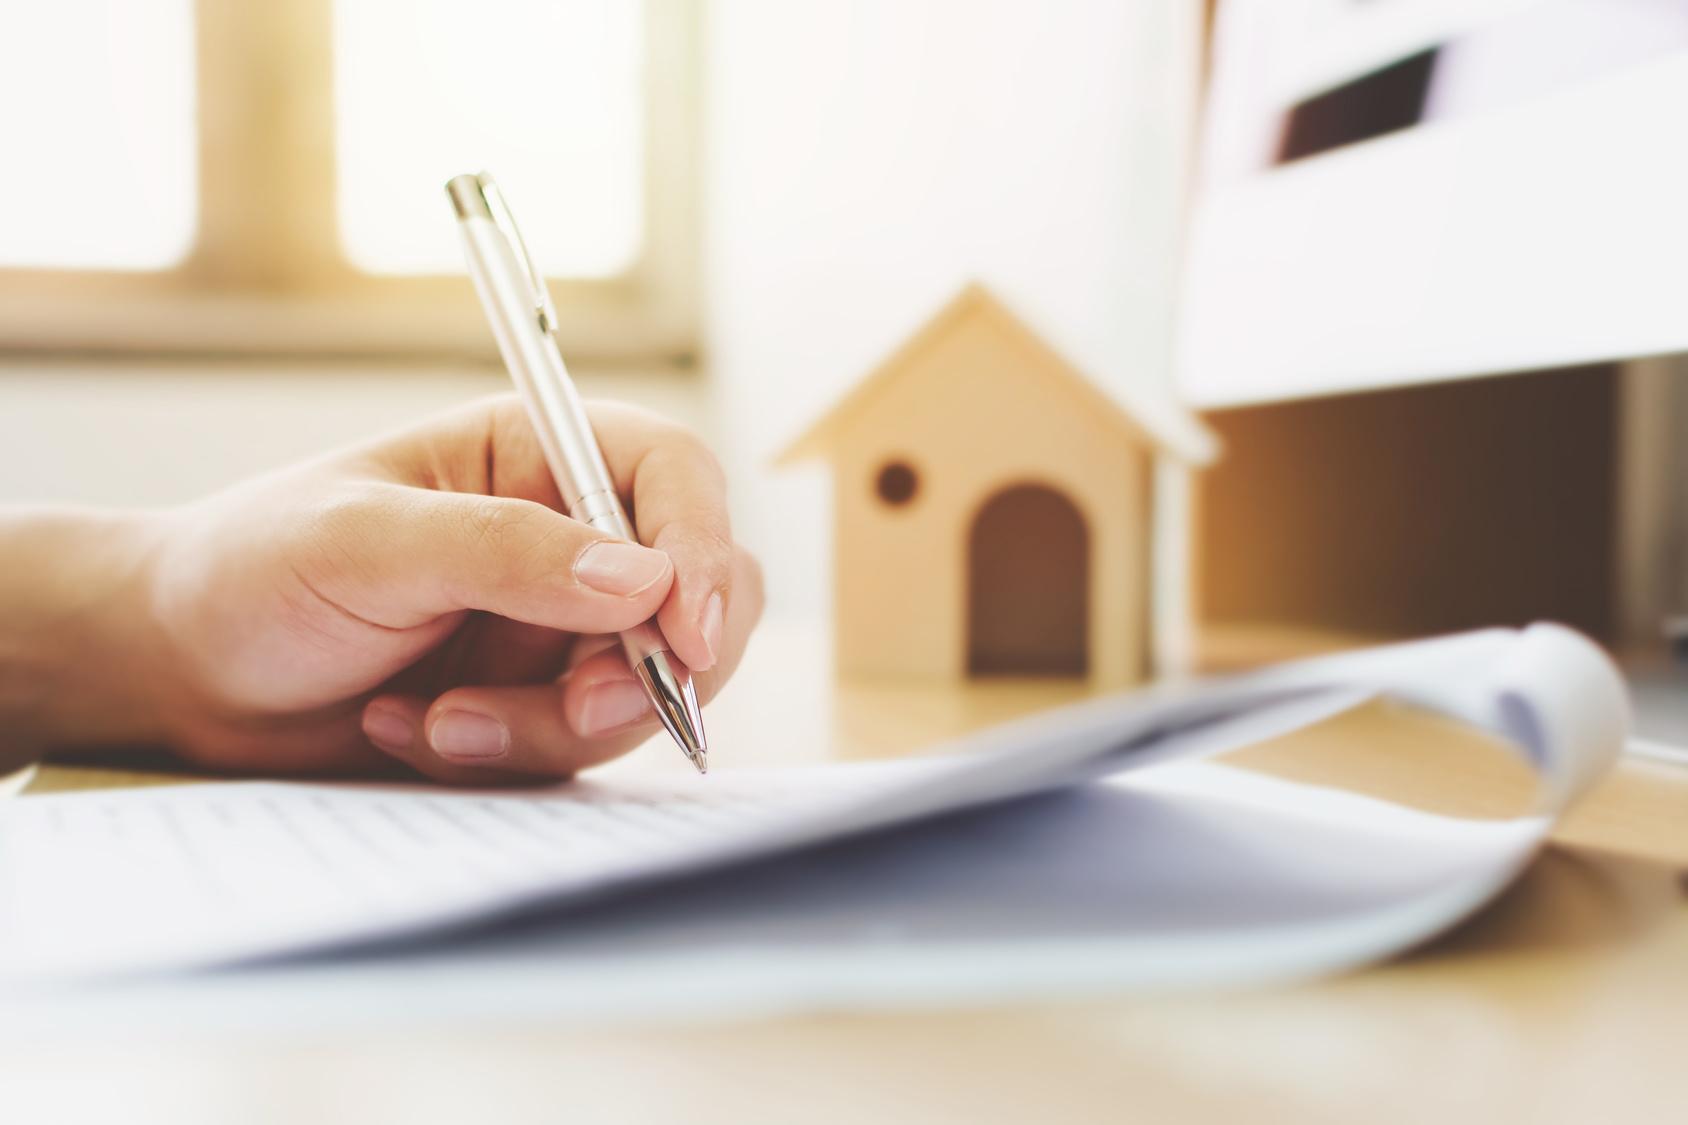 Immobilier ancien : profitez du dispositif de défiscalisation Denormandie